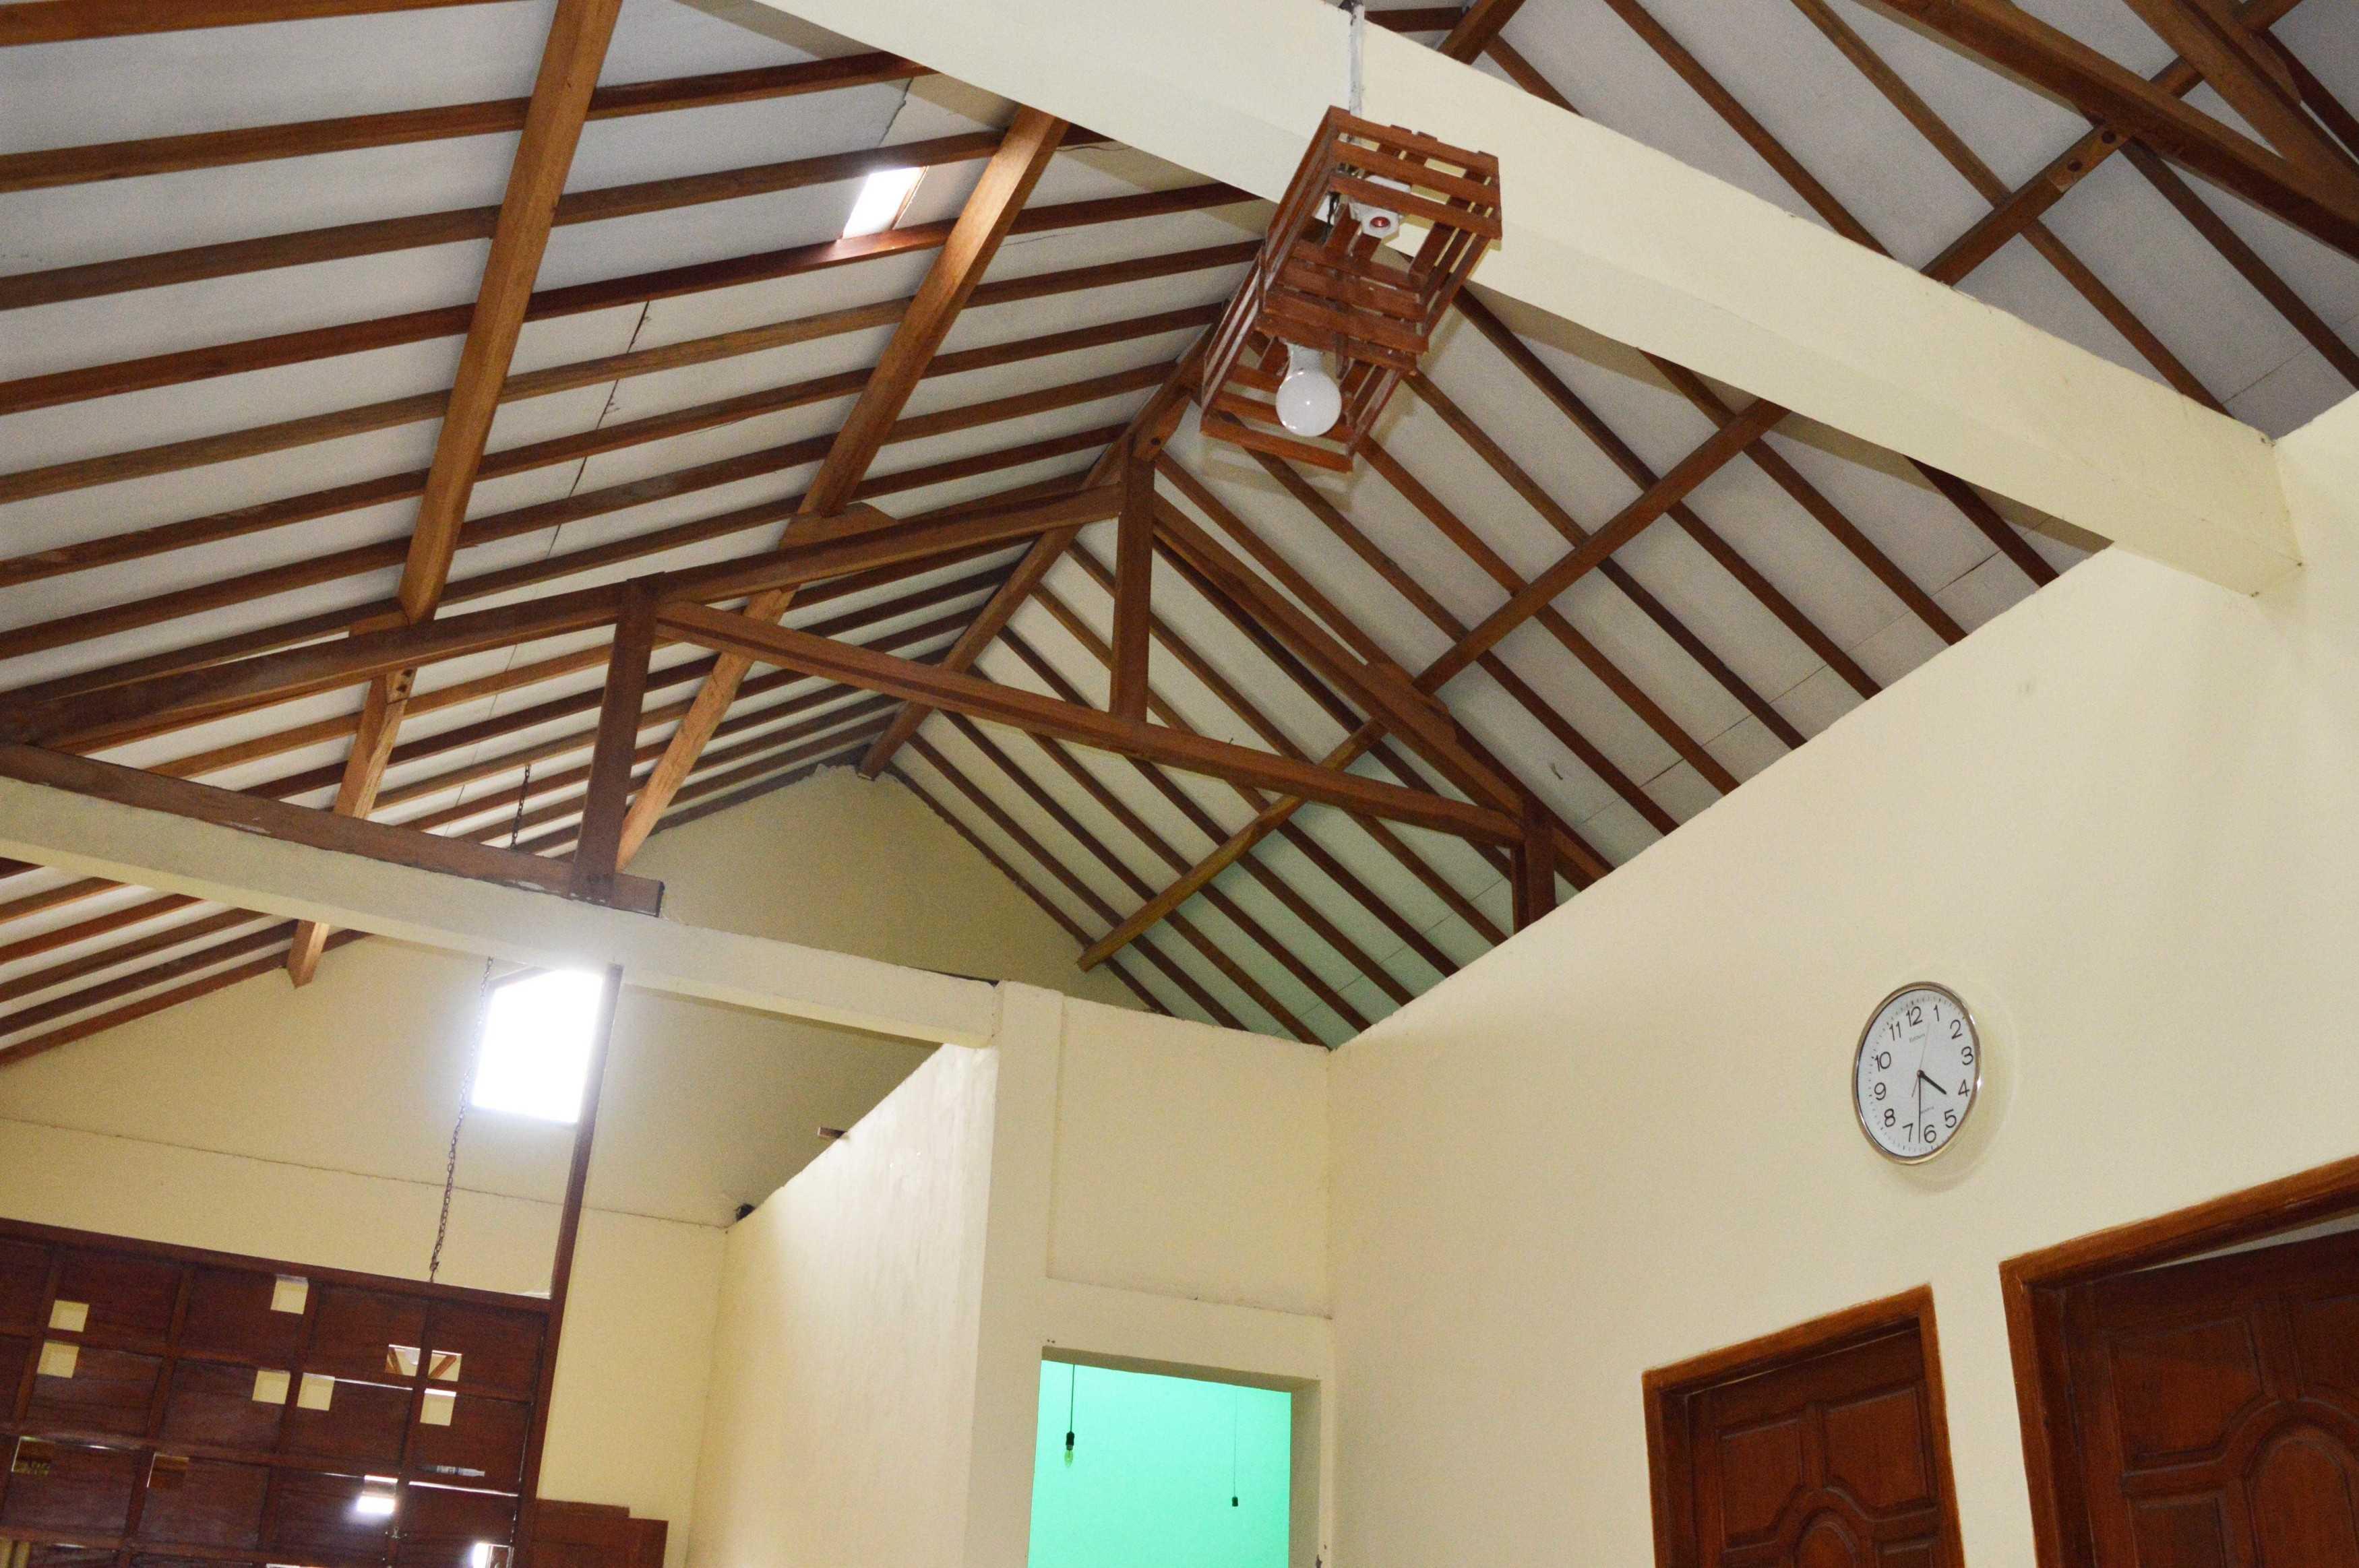 Epicnesia_Architect Rumah Am Plemahan, Kediri, Jawa Timur, Indonesia Plemahan, Kediri, Jawa Timur, Indonesia Aditya-Yuni-Prasetya-Rumah-Am   68054